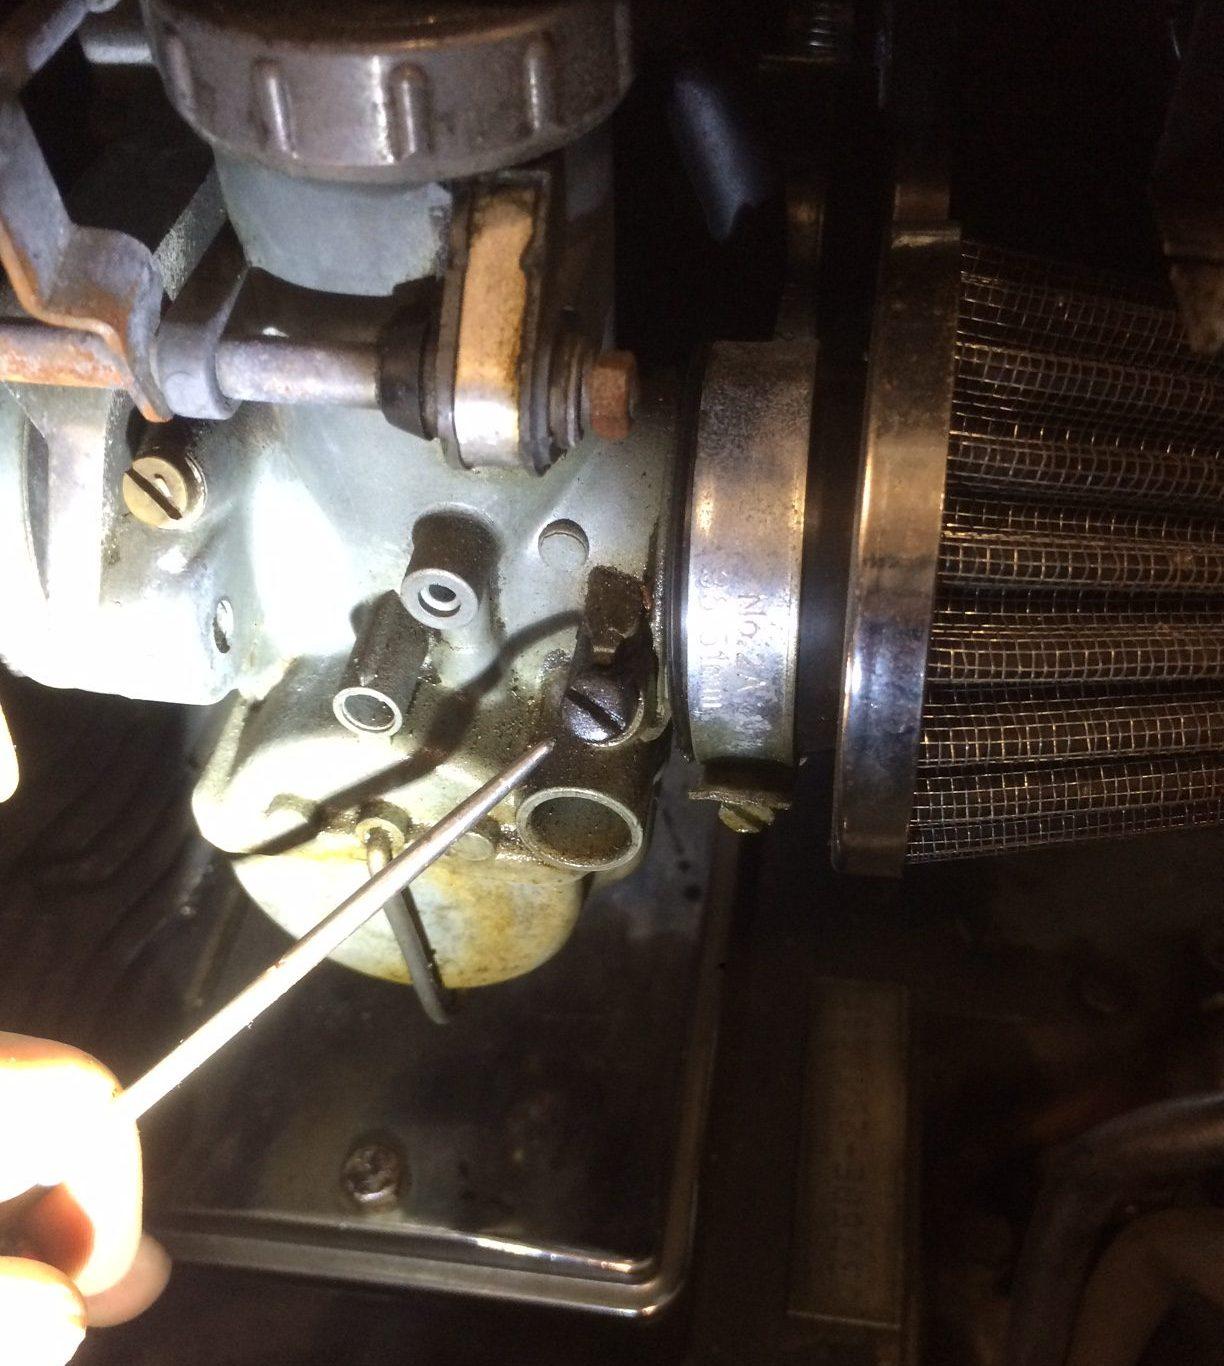 Air adjustment screw